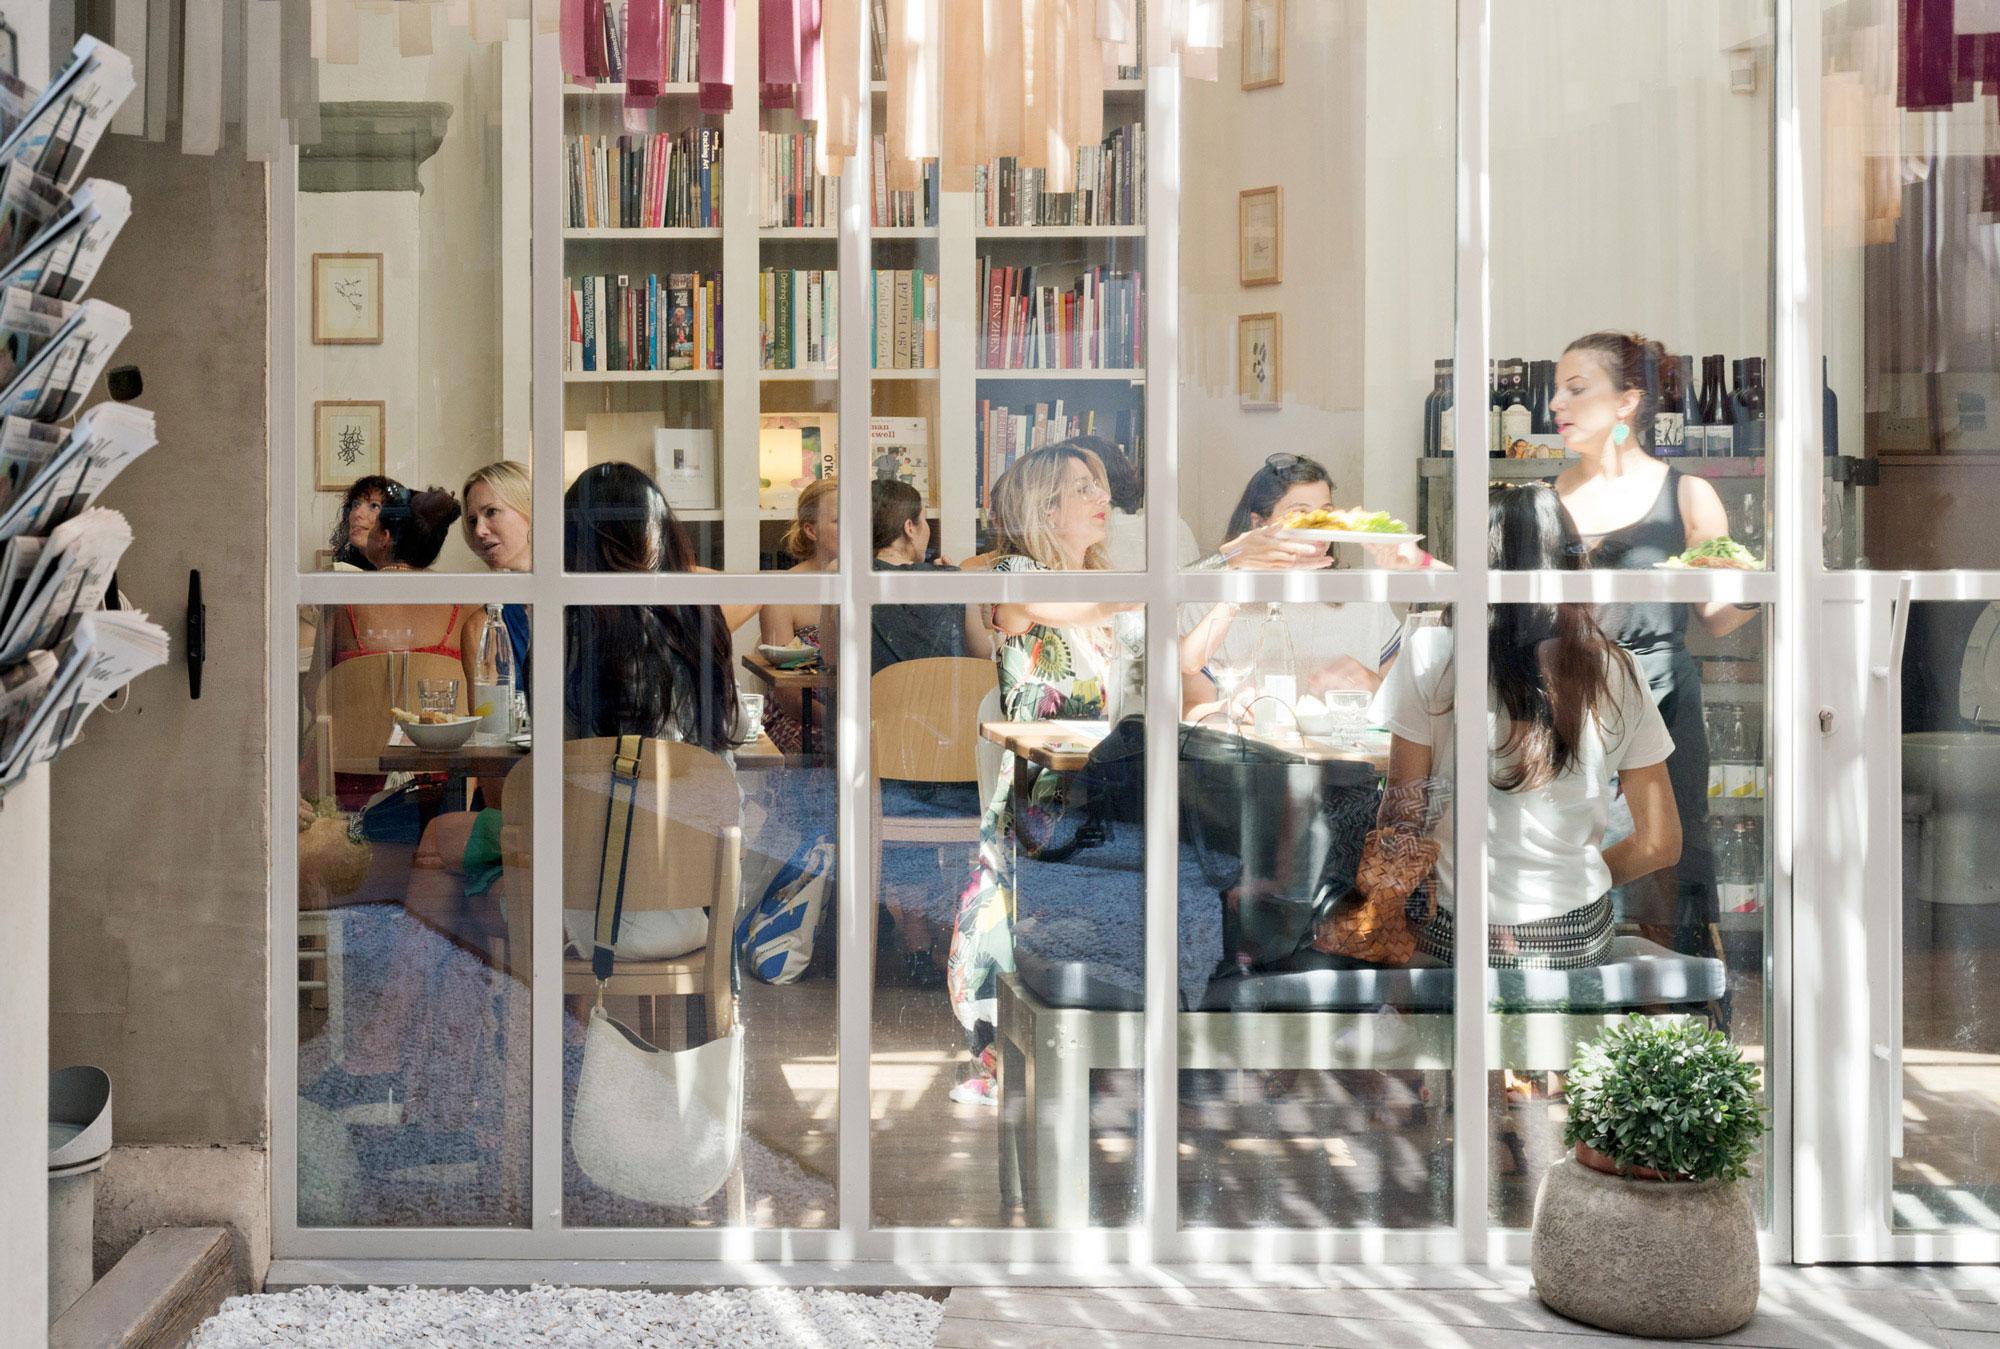 Libreria Brac, Firenze, Interni, bar, ritorante, libreria, progetto Deferrari Modesti